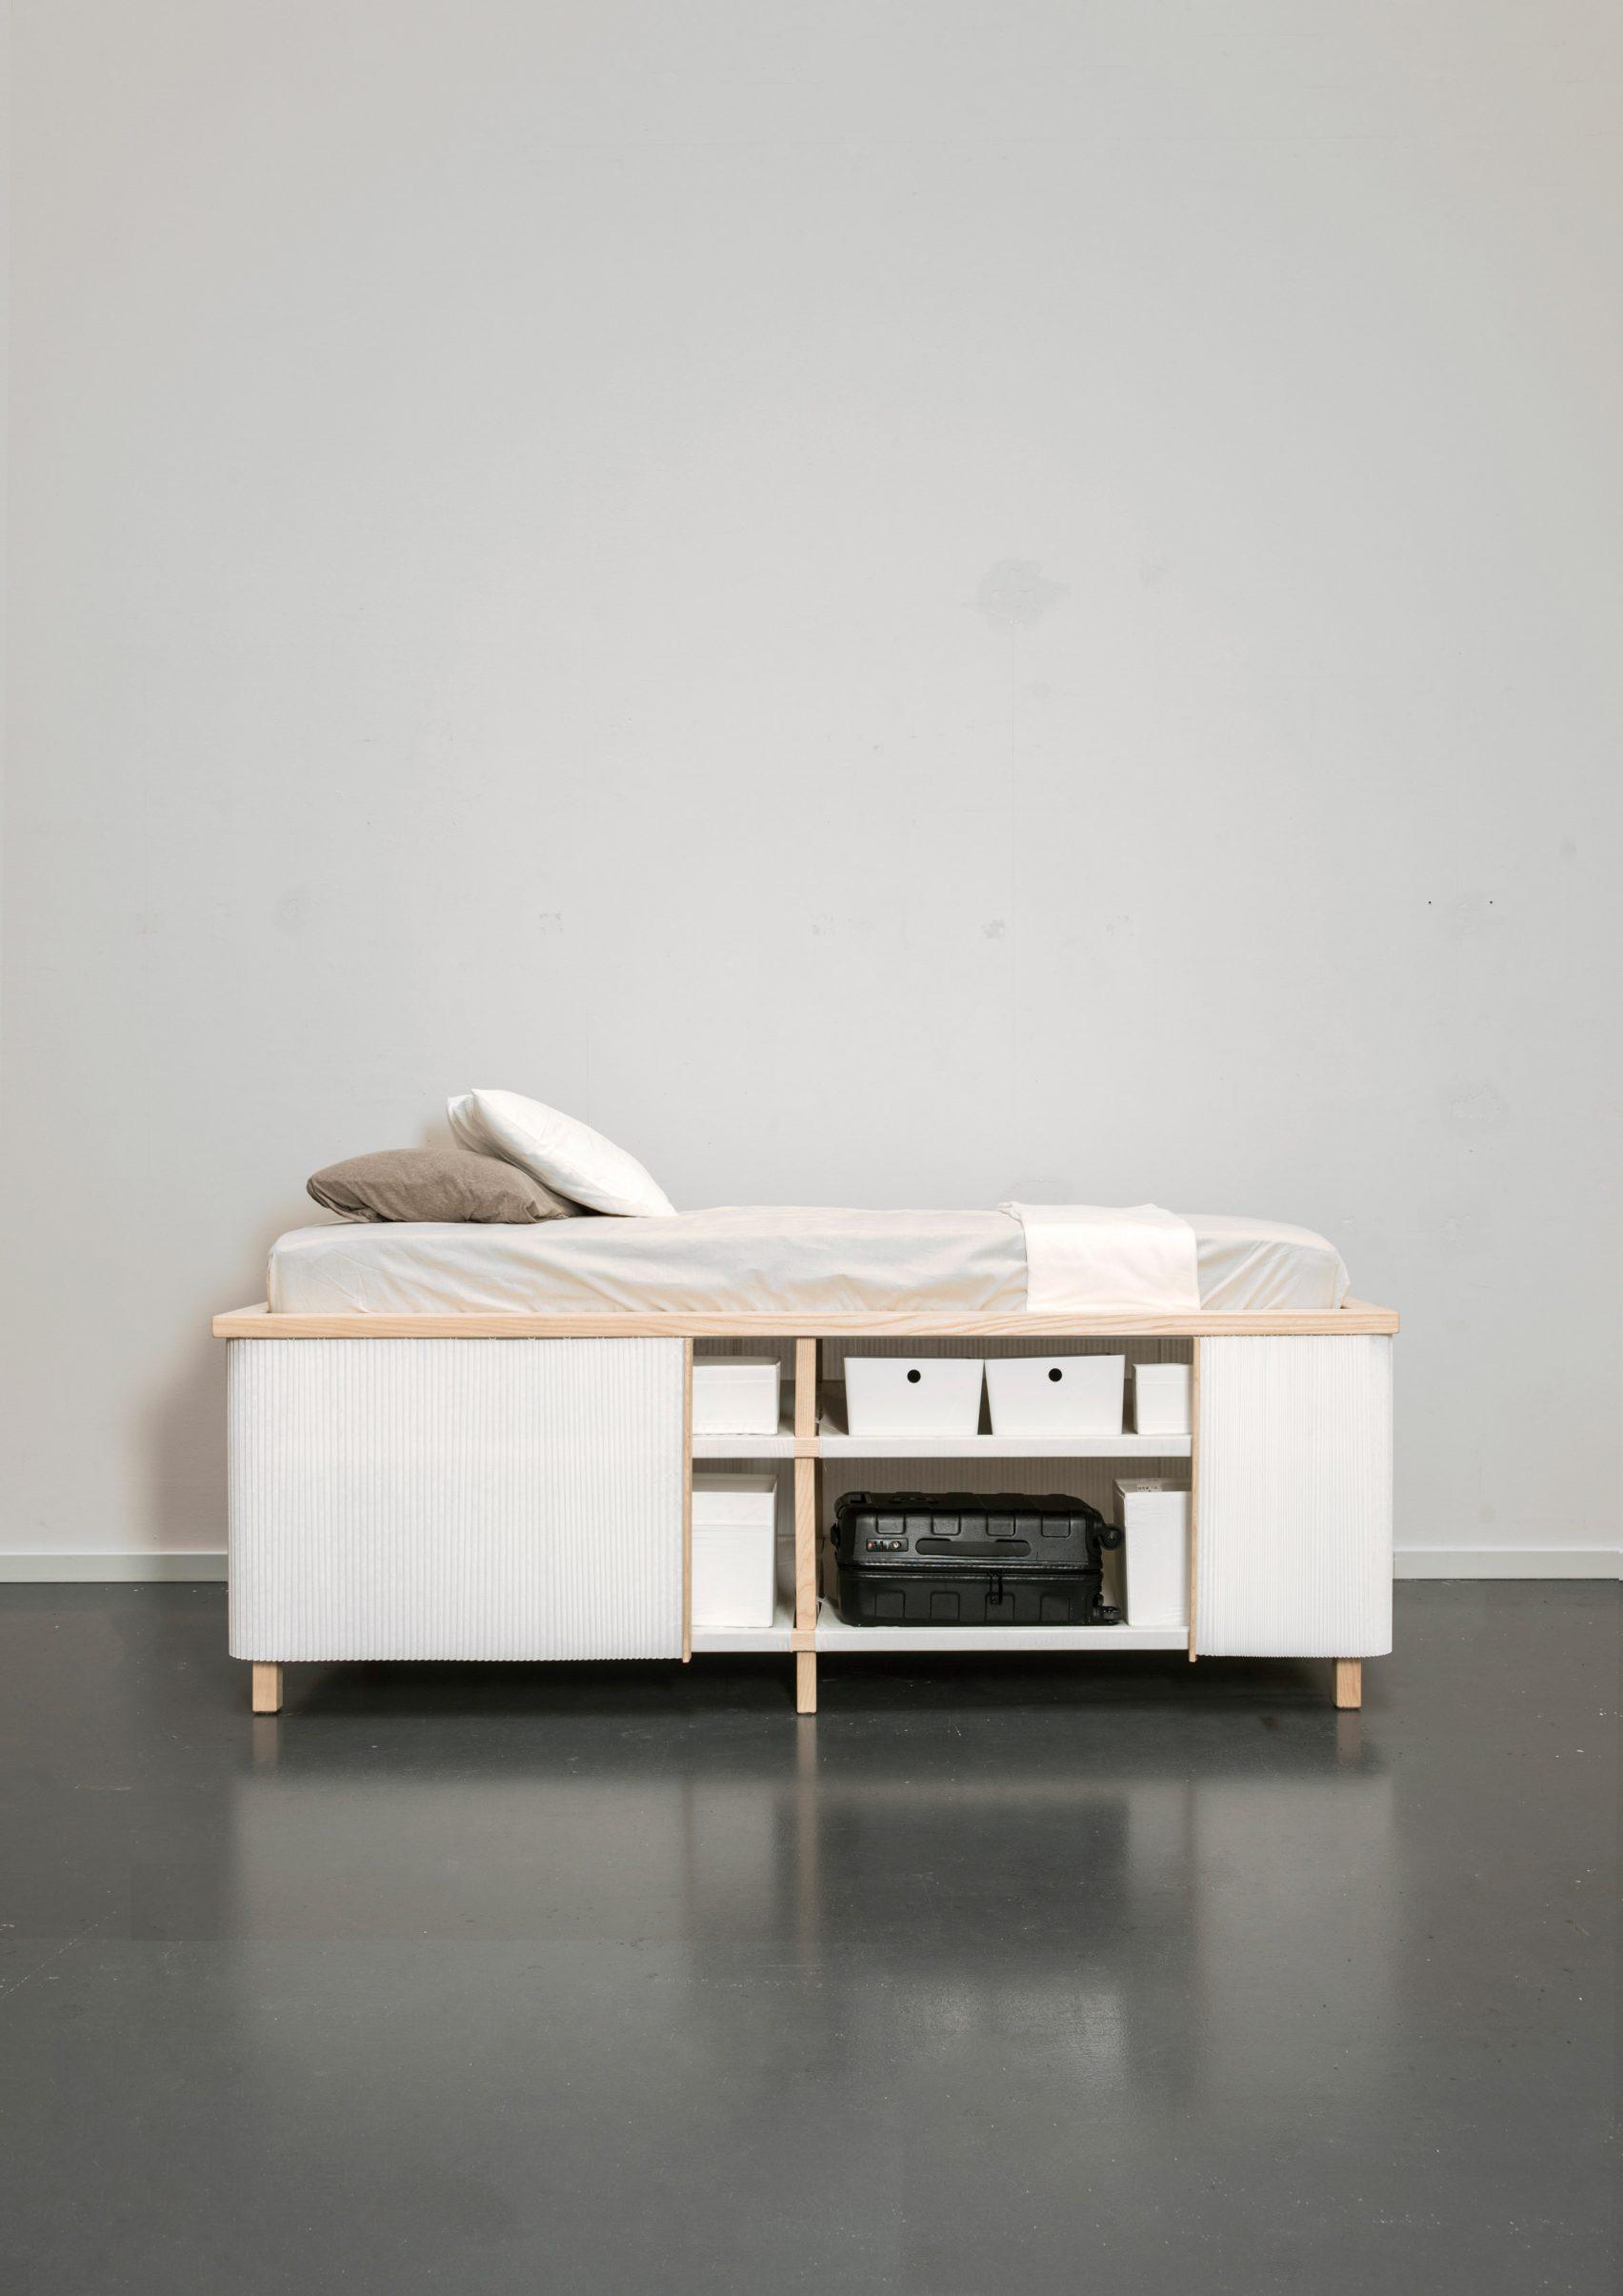 Mooi en praktisch bed met opbergruimte door ontwerper Yesul Jang